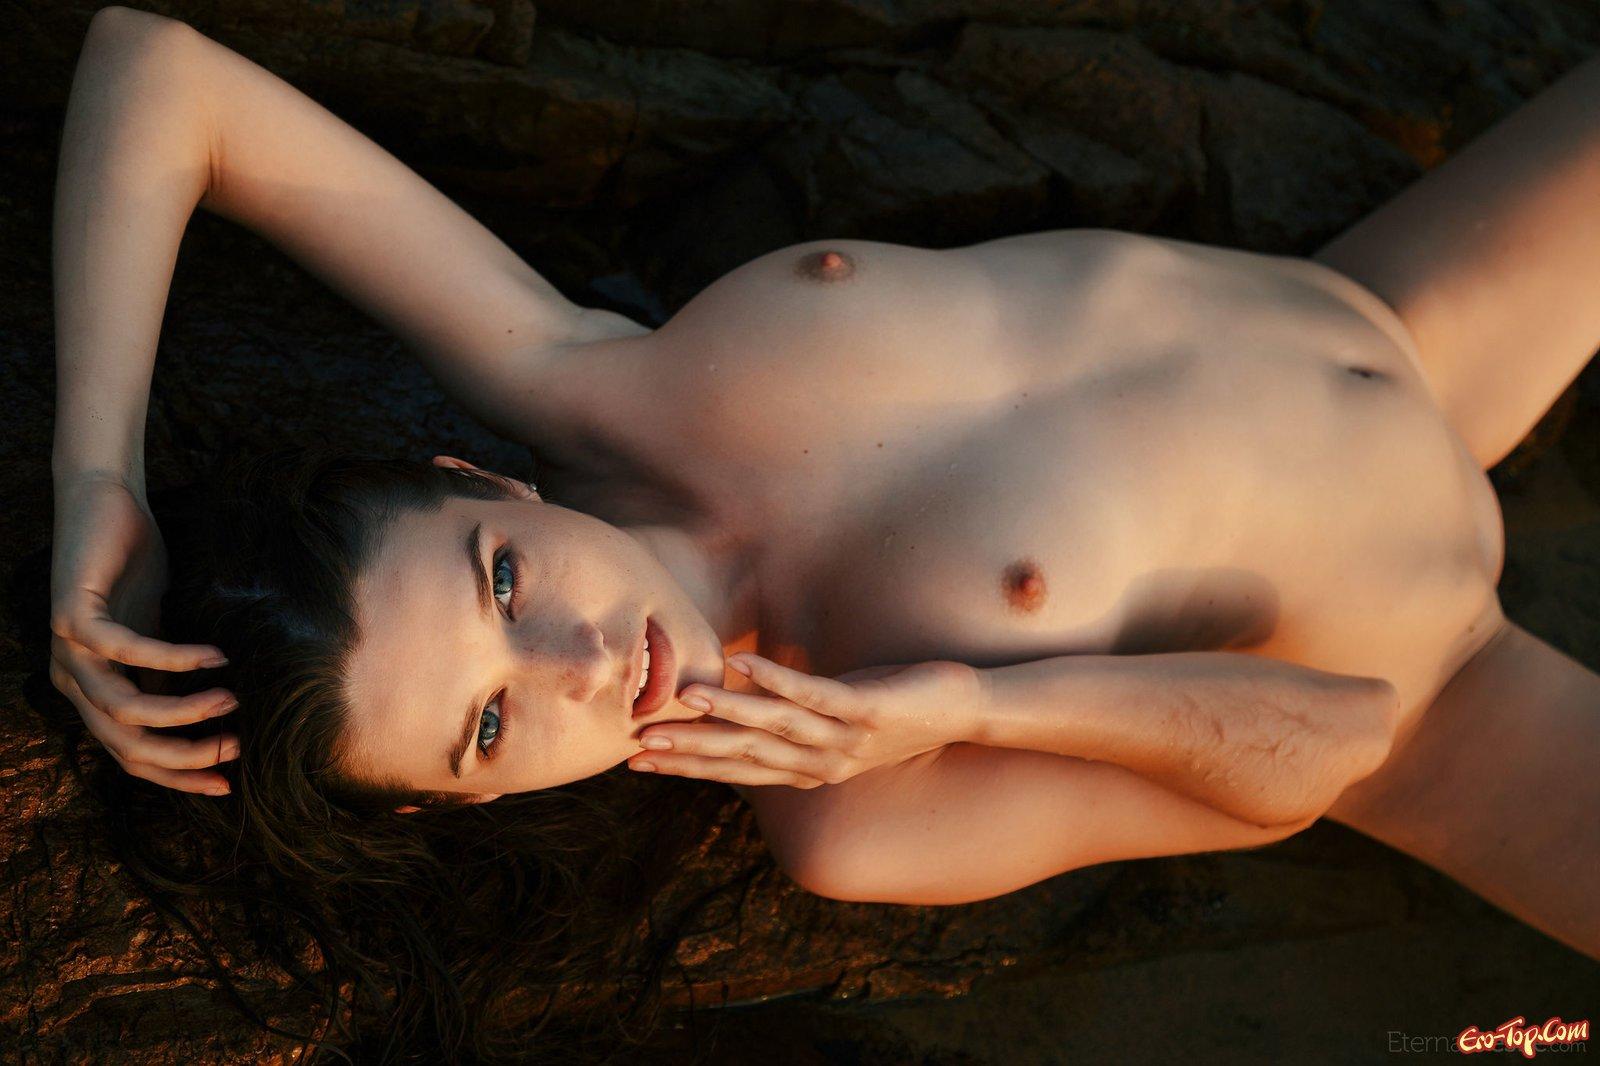 Сочная девушка показывает свое тело лежа в воде